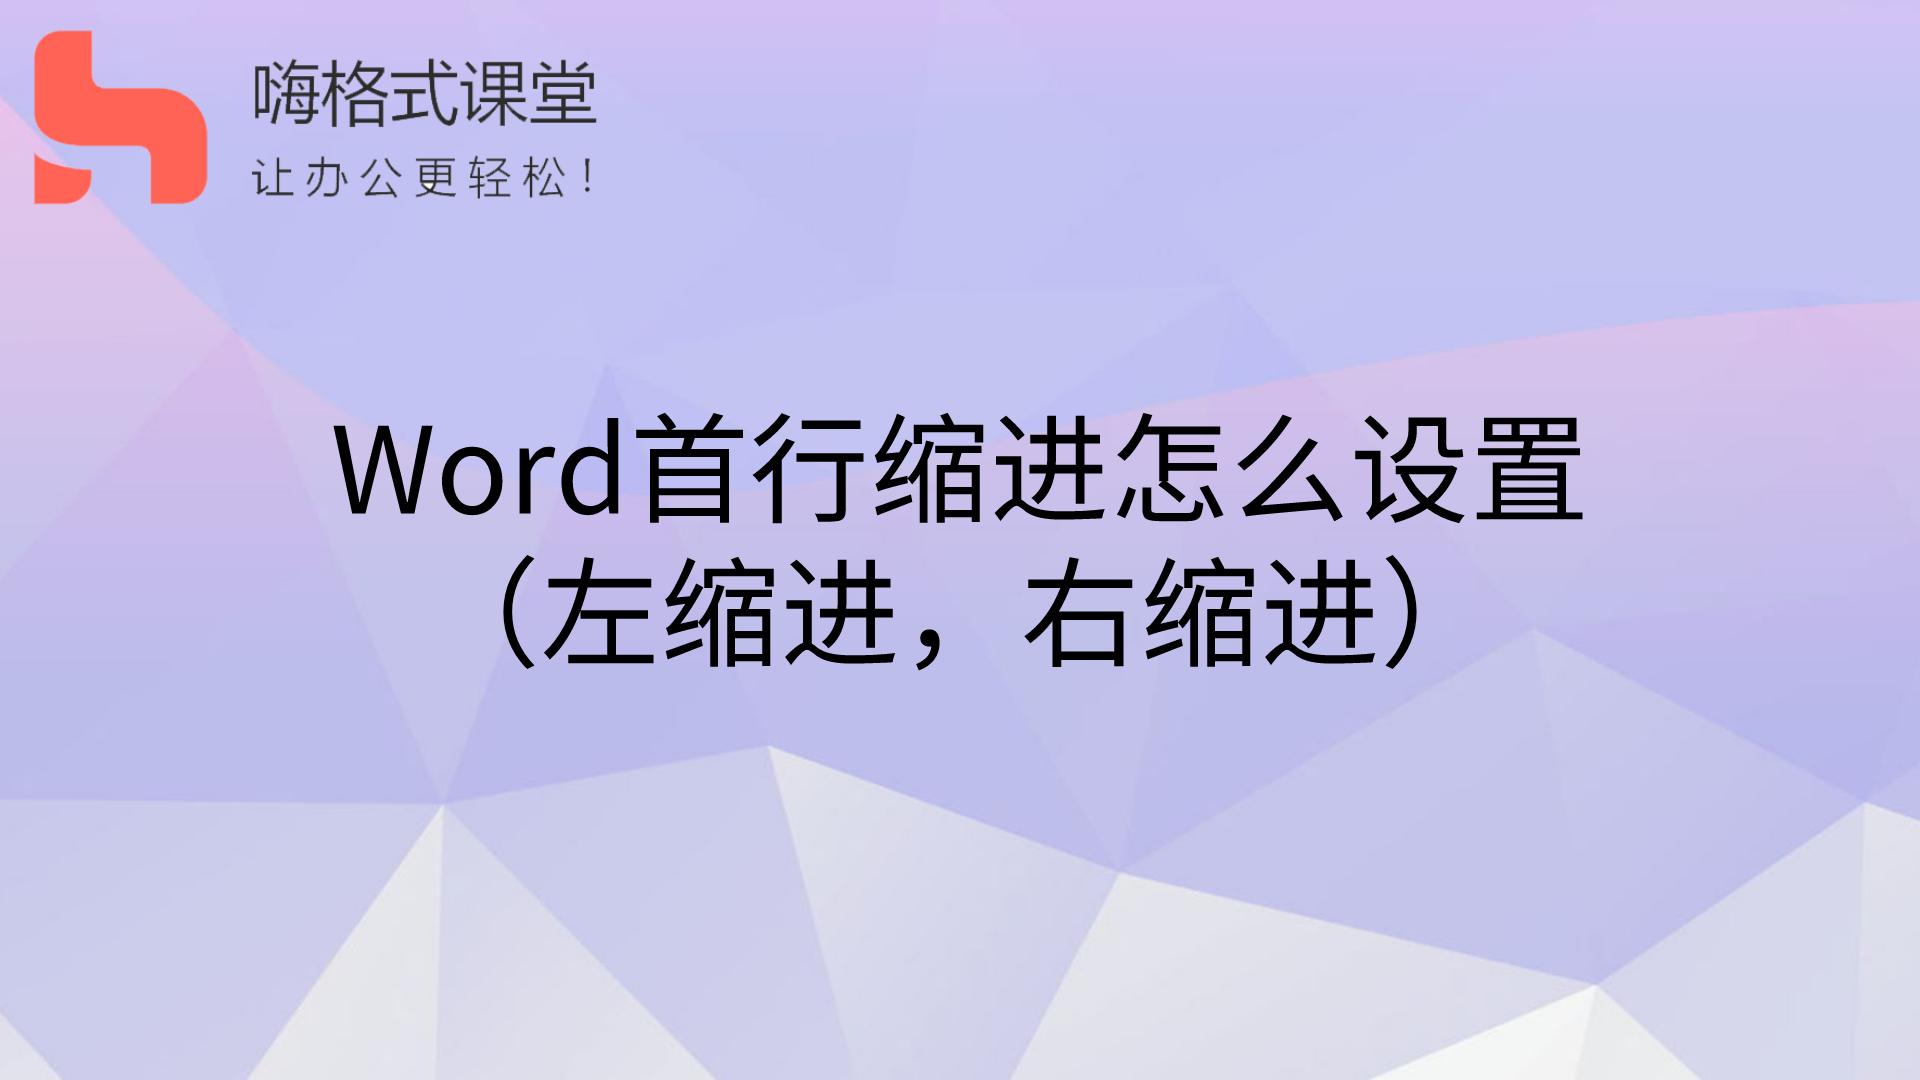 Word首行缩进怎么设置(左缩进,右缩进)